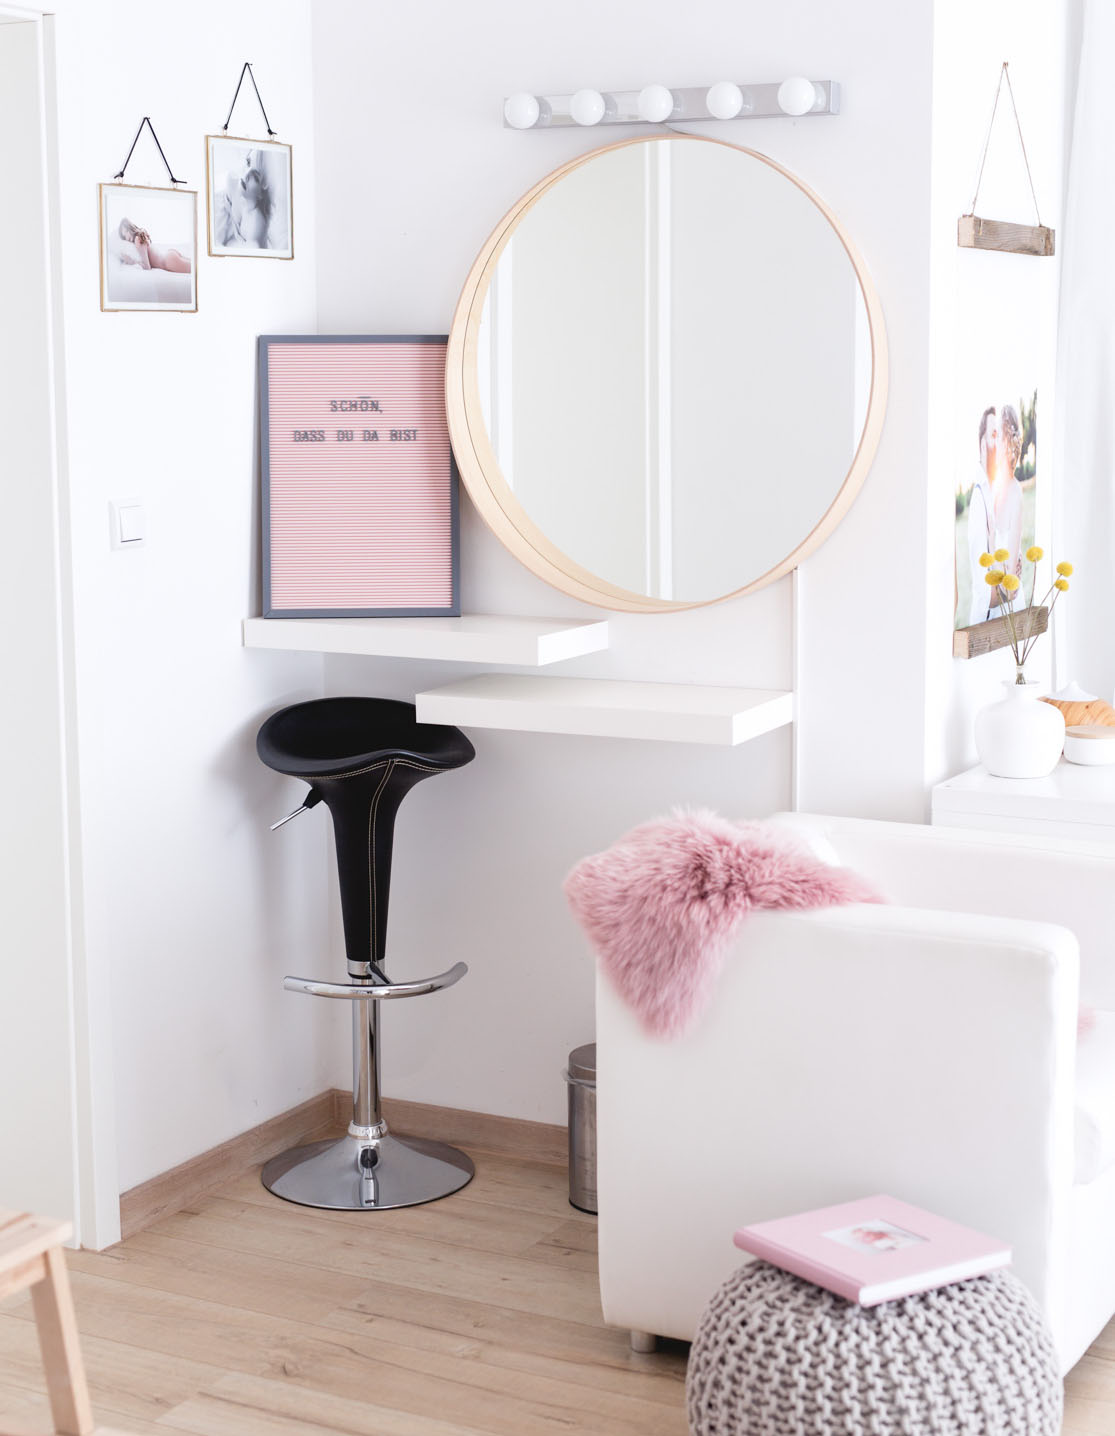 Fotostudio mit Style-Bereich